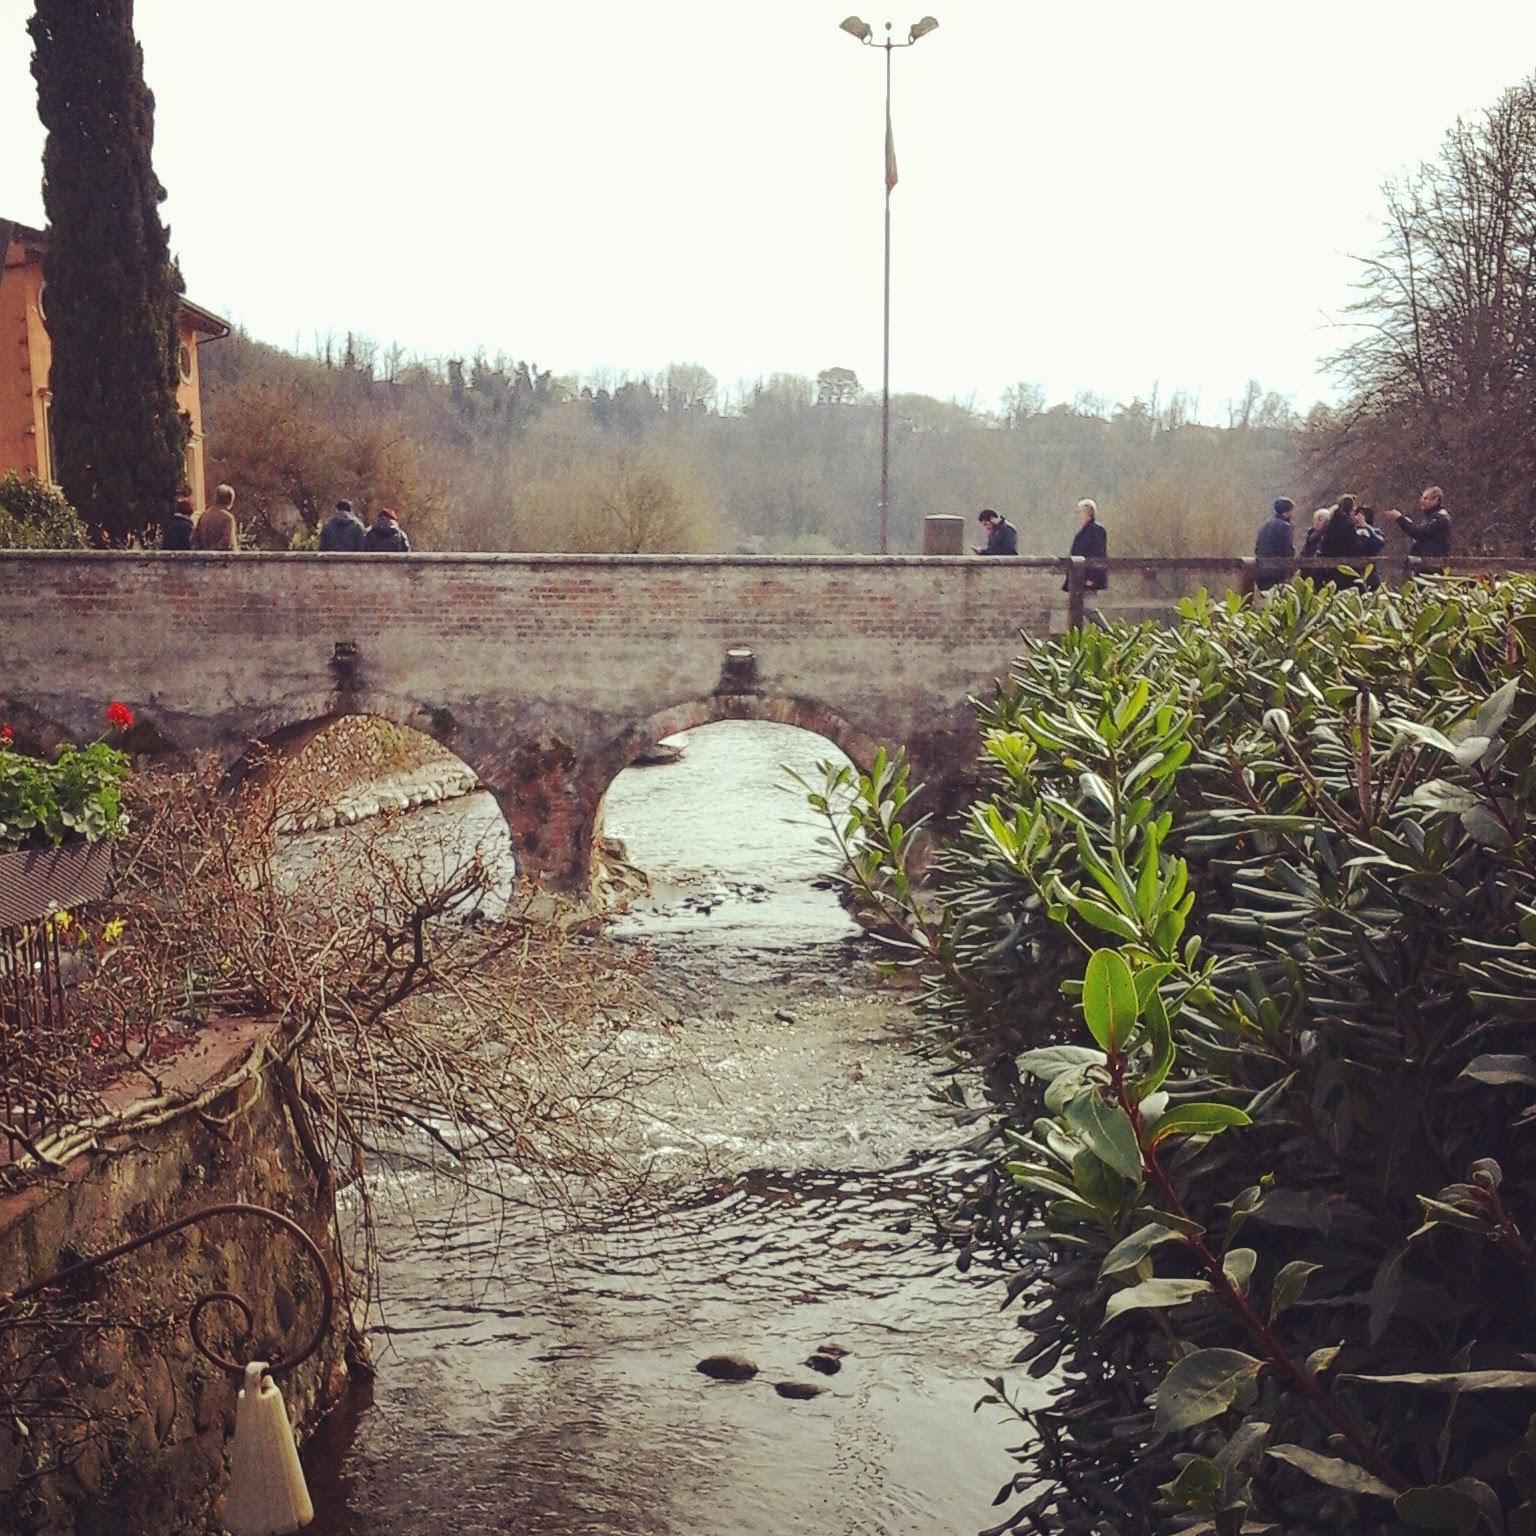 Borghetto frazione di Valeggio sul Mincio, il ponte dietro i Mulini - Foto di Monica Gatti La gatita sotto le due torri blog